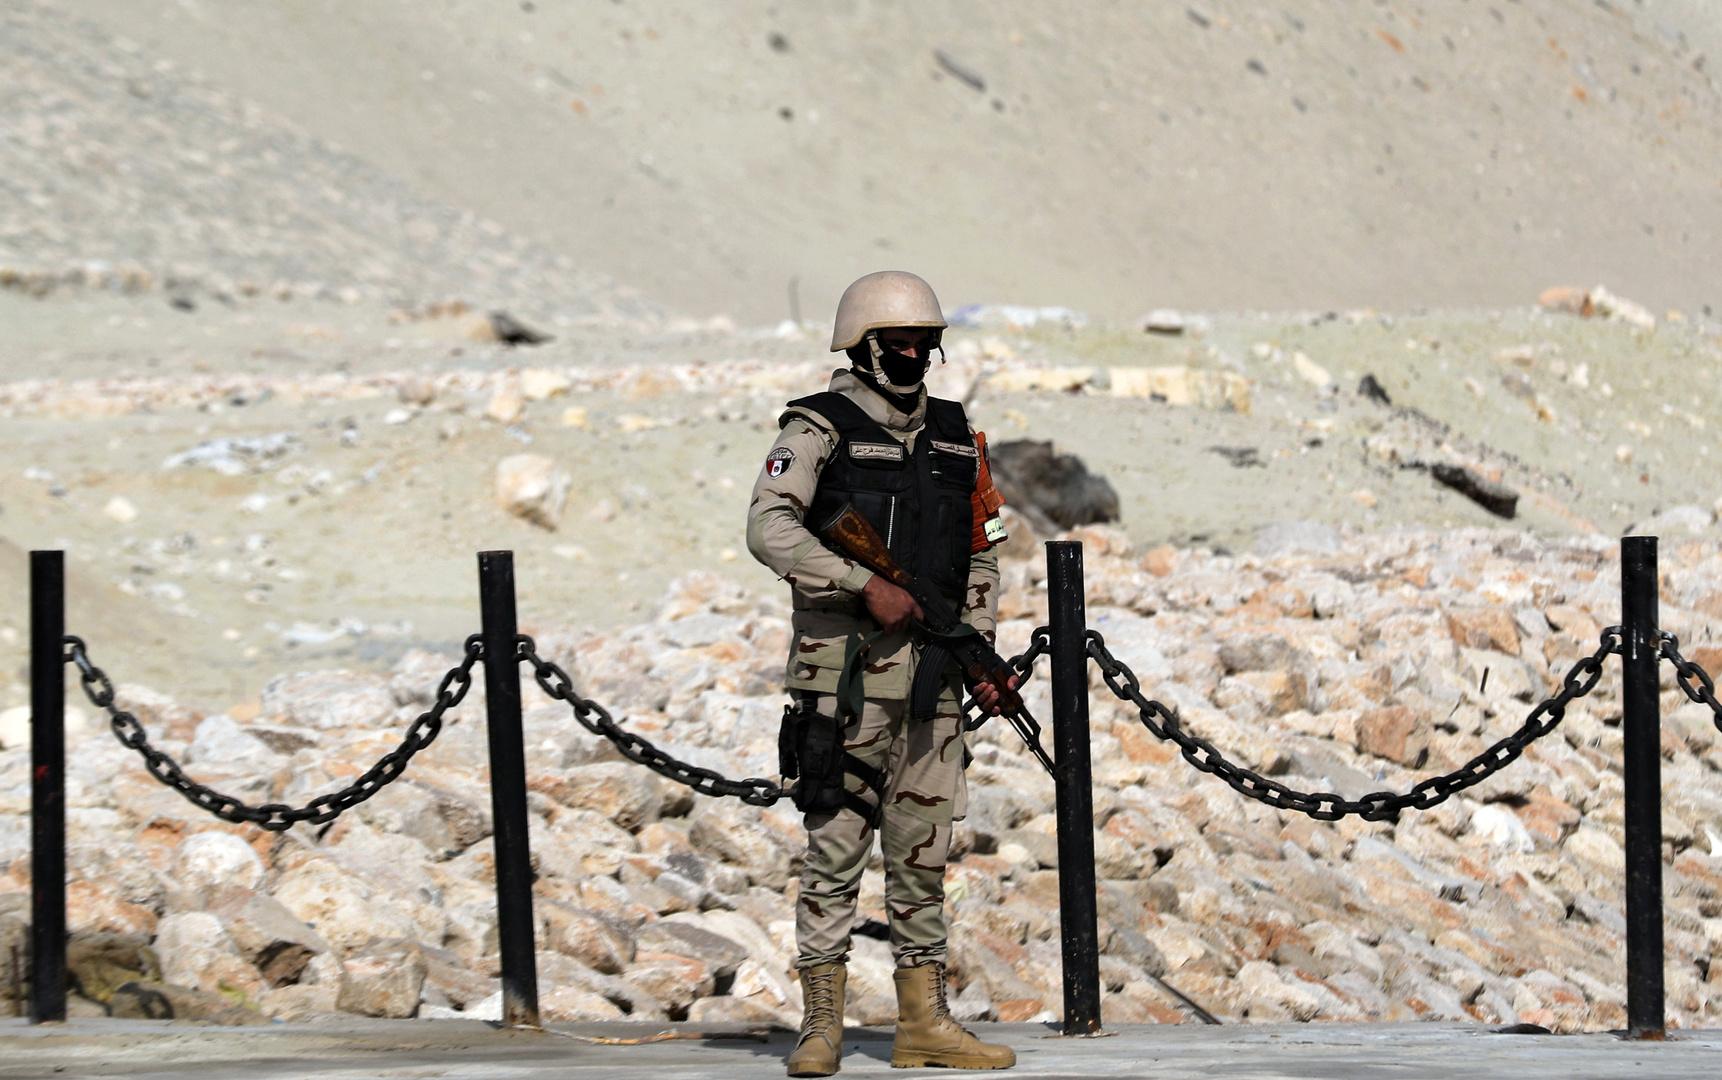 مصر مهددة بحرب على جبهتين